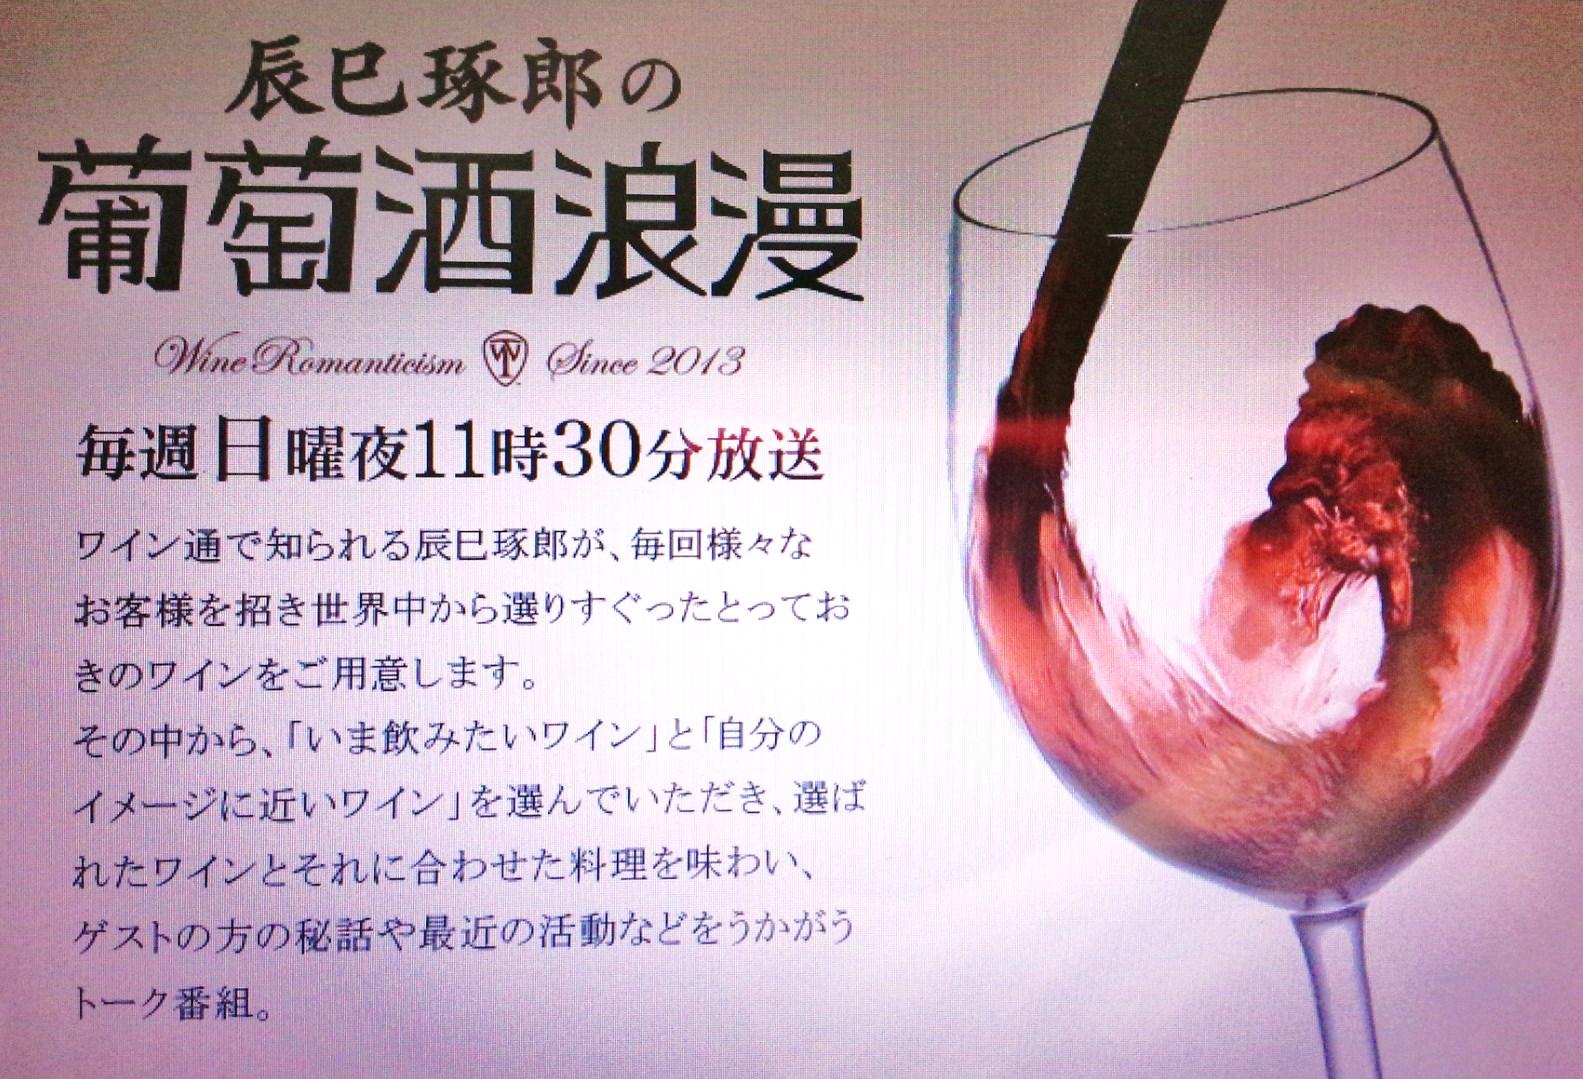 BSジャパン「辰巳琢郎の葡萄酒浪漫」、9月6日放送予定_b0145846_15334865.jpg